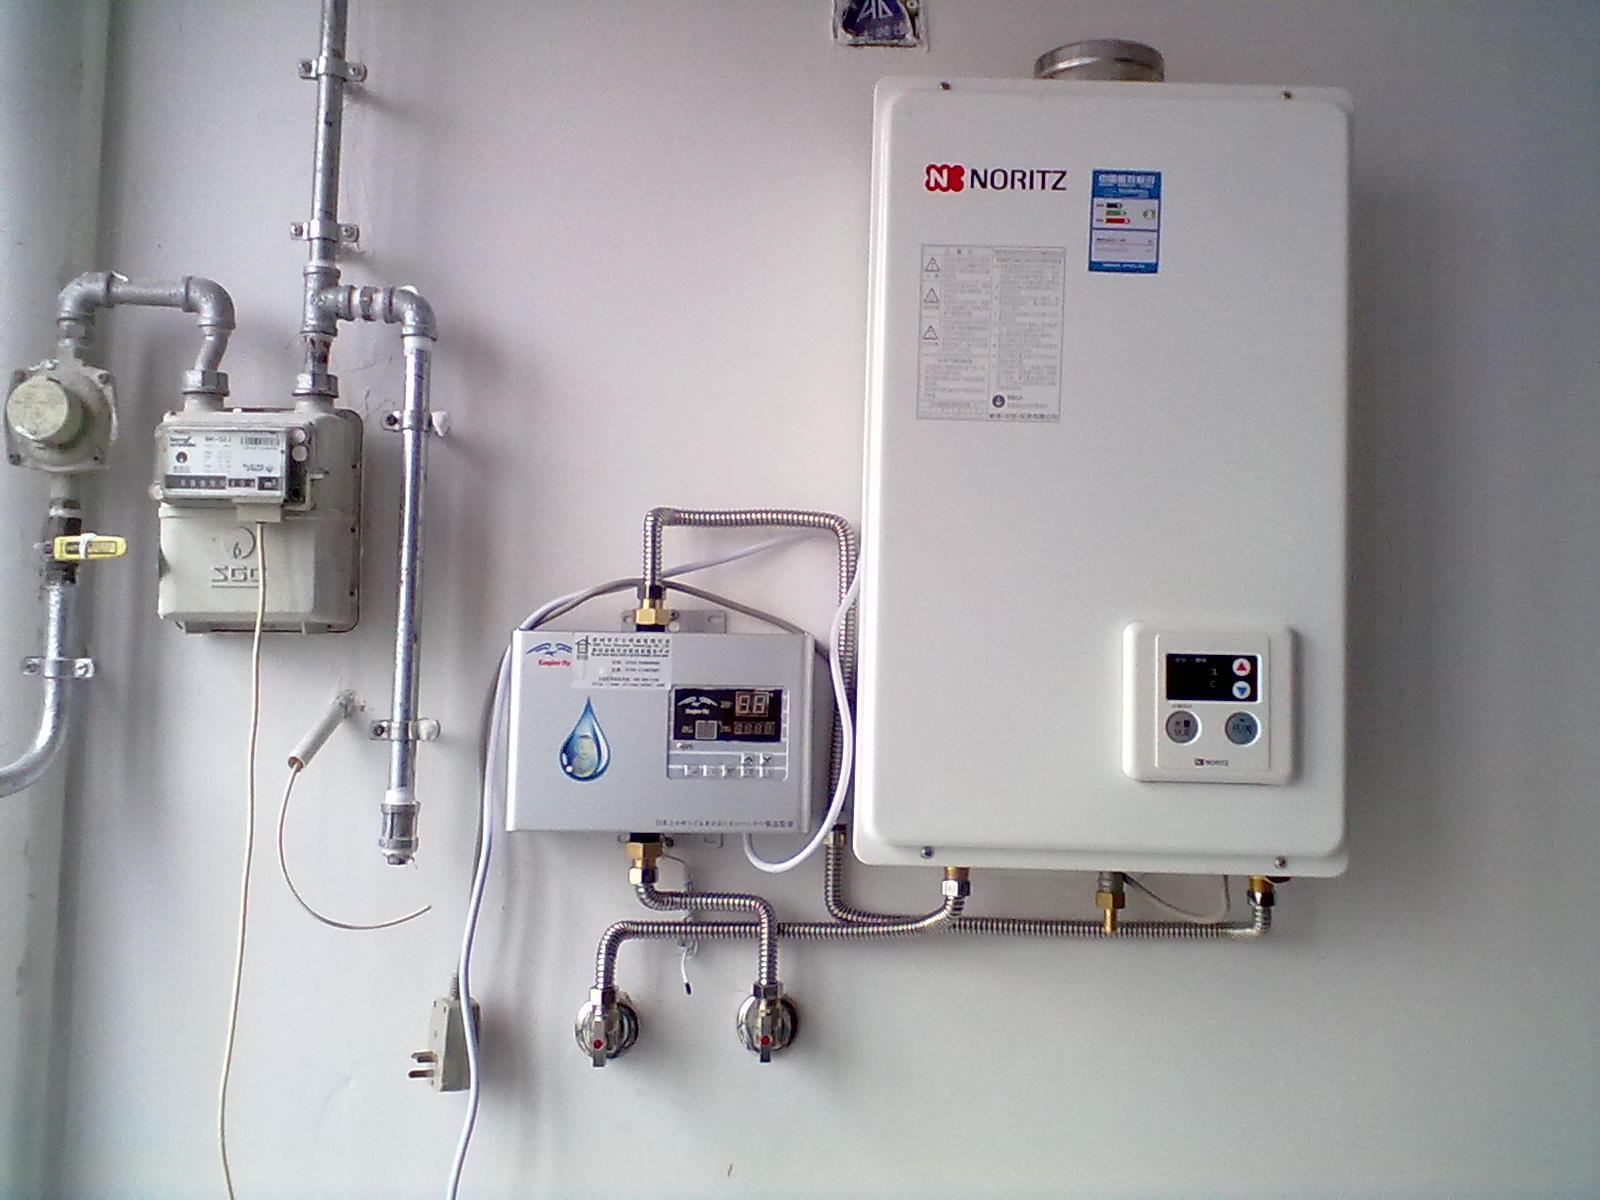 家用燃气热水器配套家用鹰游回水装置特价出售 高清图片